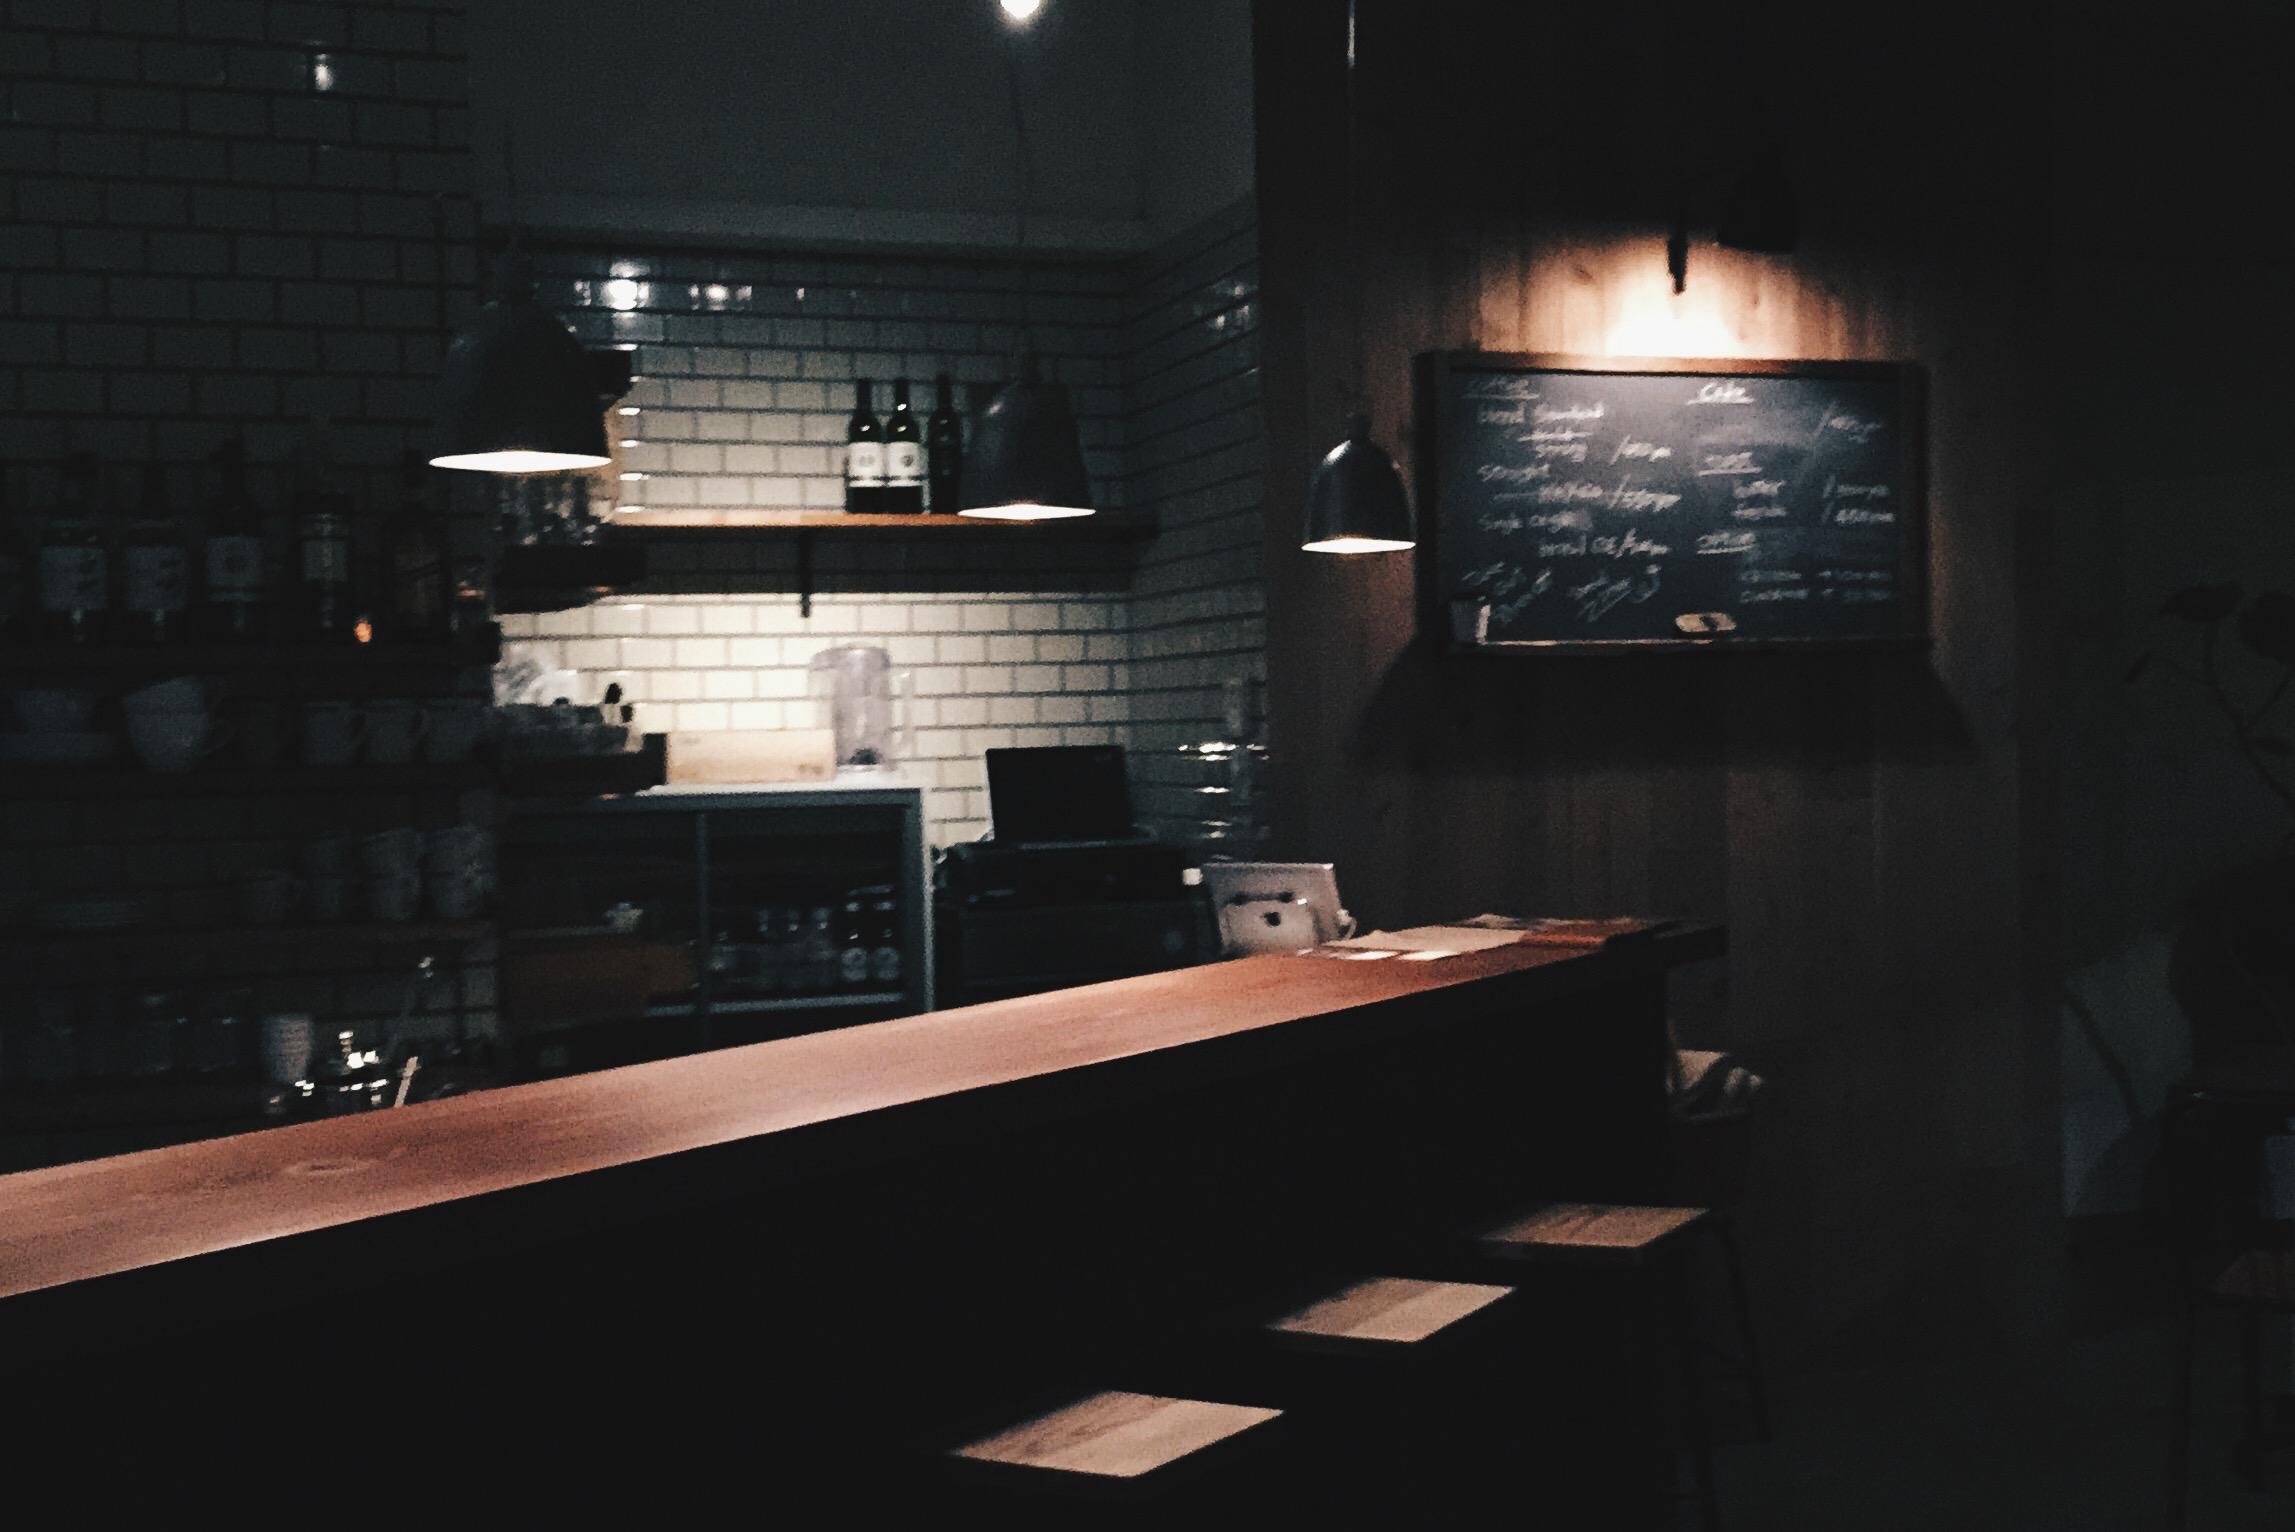 【大阪・梅田】おすすめカフェ・コーヒースタンドまとめ Whitebird coffee stand